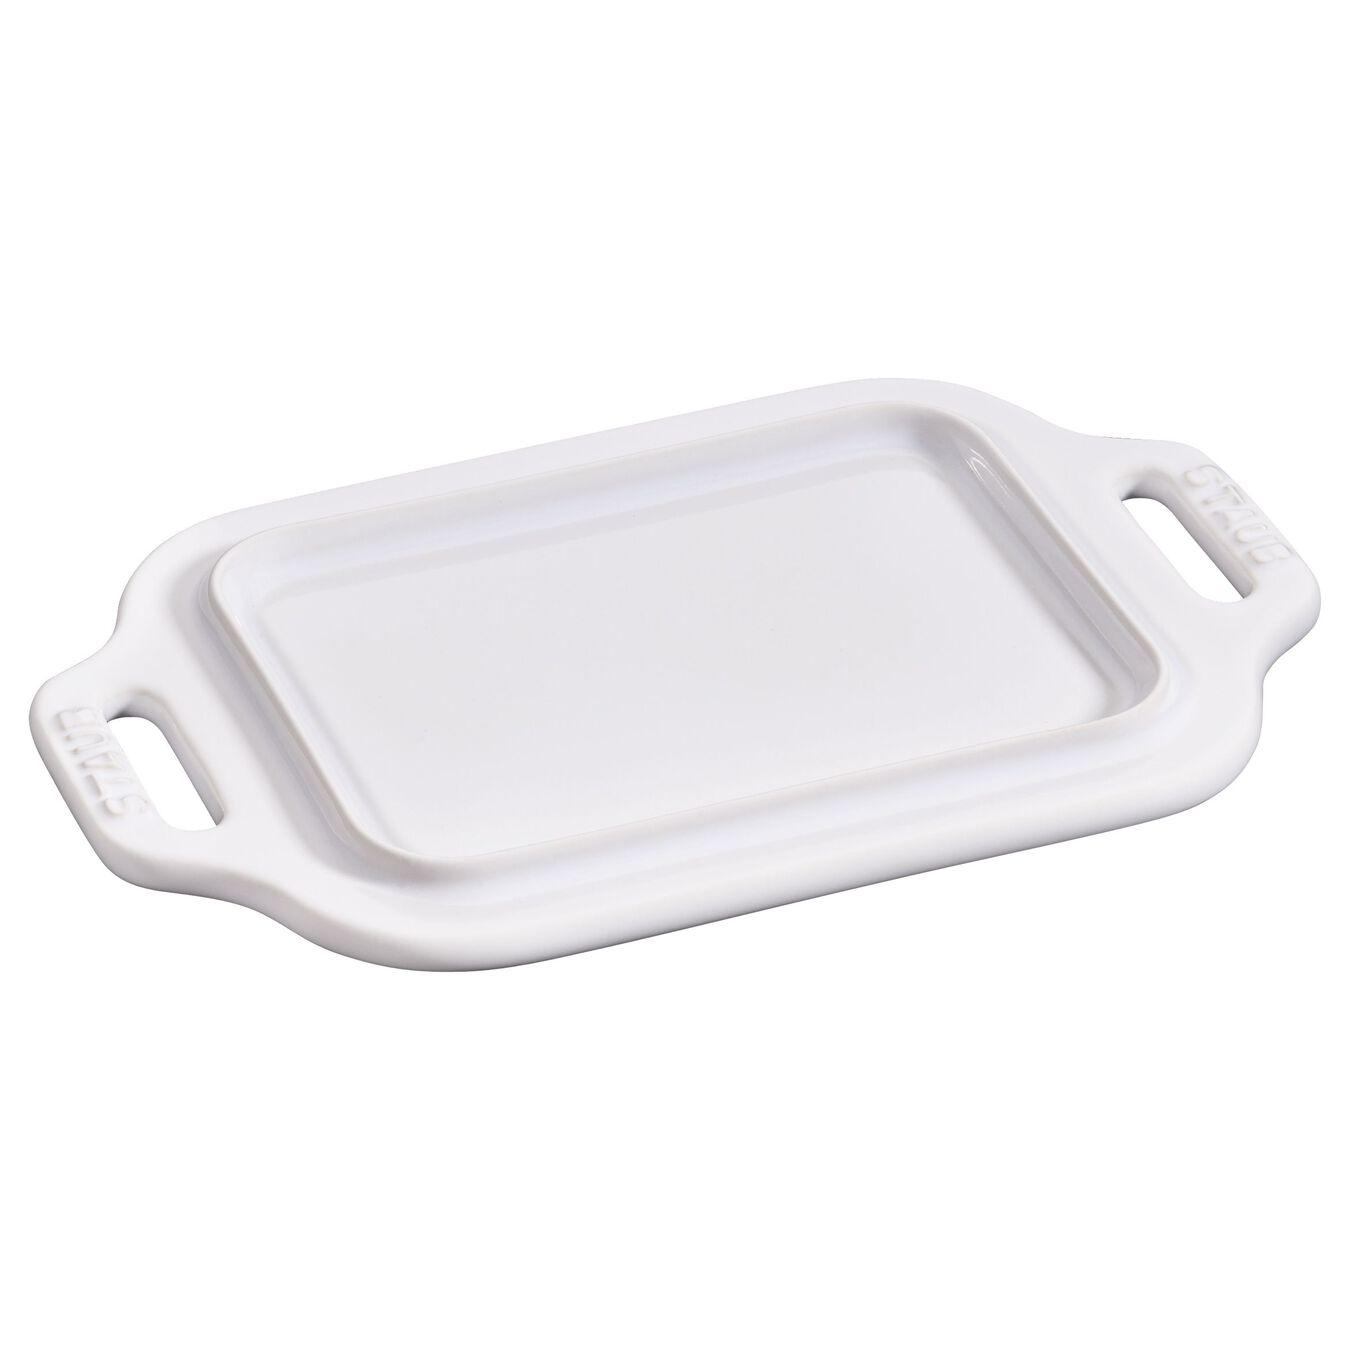 Piattino da burro quadrato - 19 cm, bianco puro,,large 2